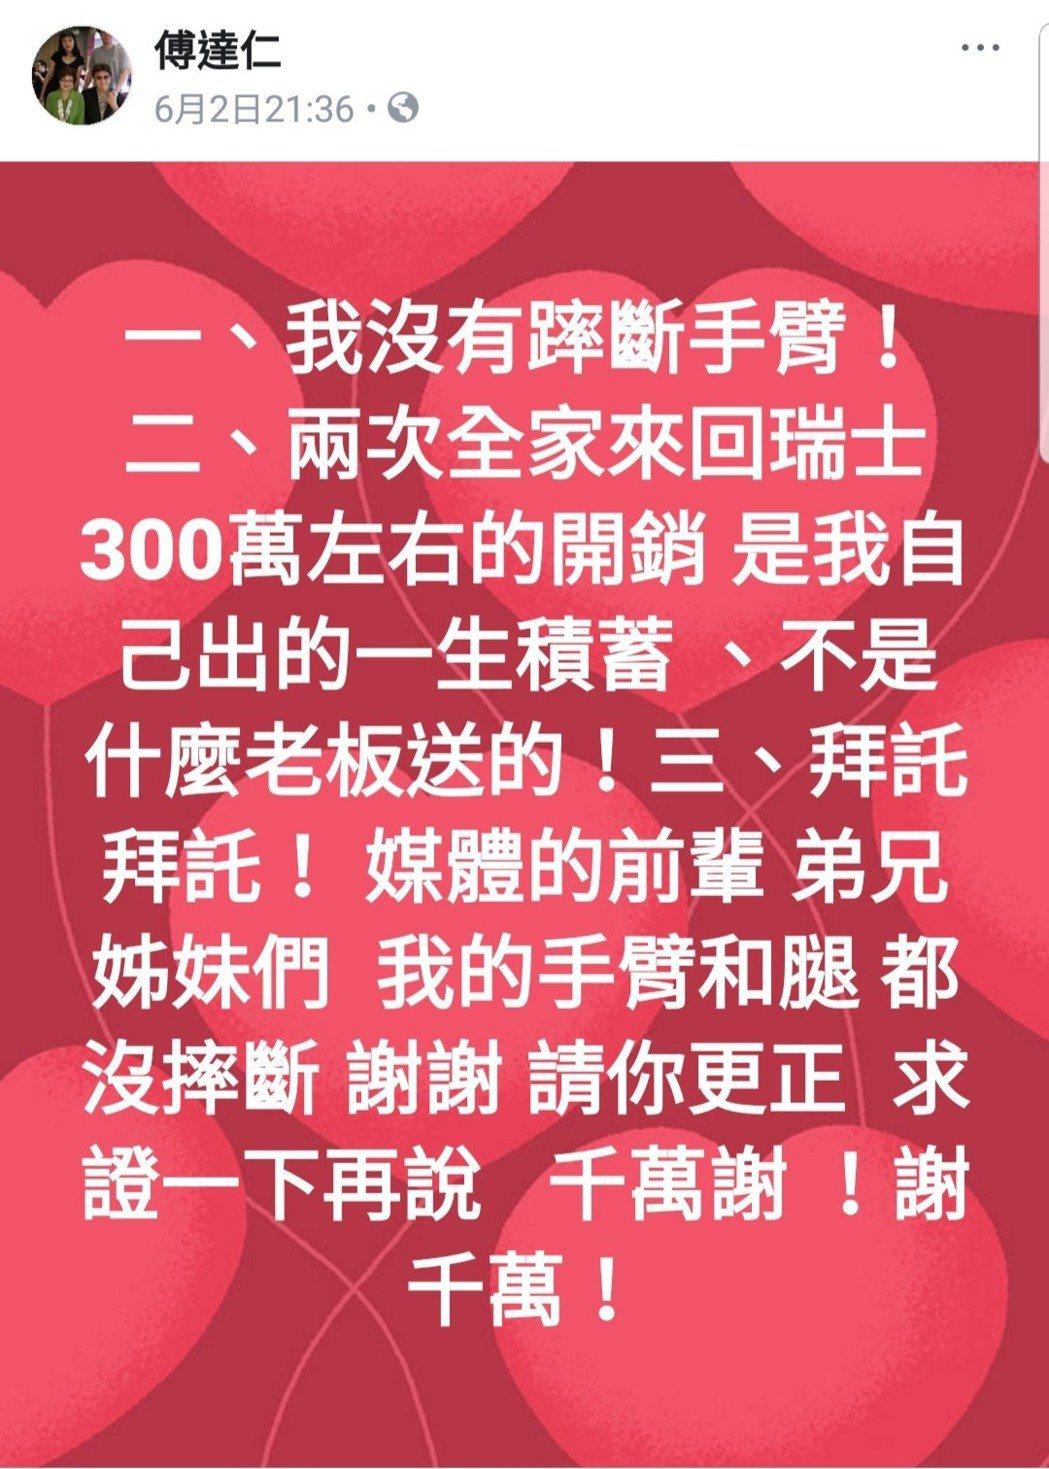 傅達仁澄清不實訊息。圖/摘自臉書